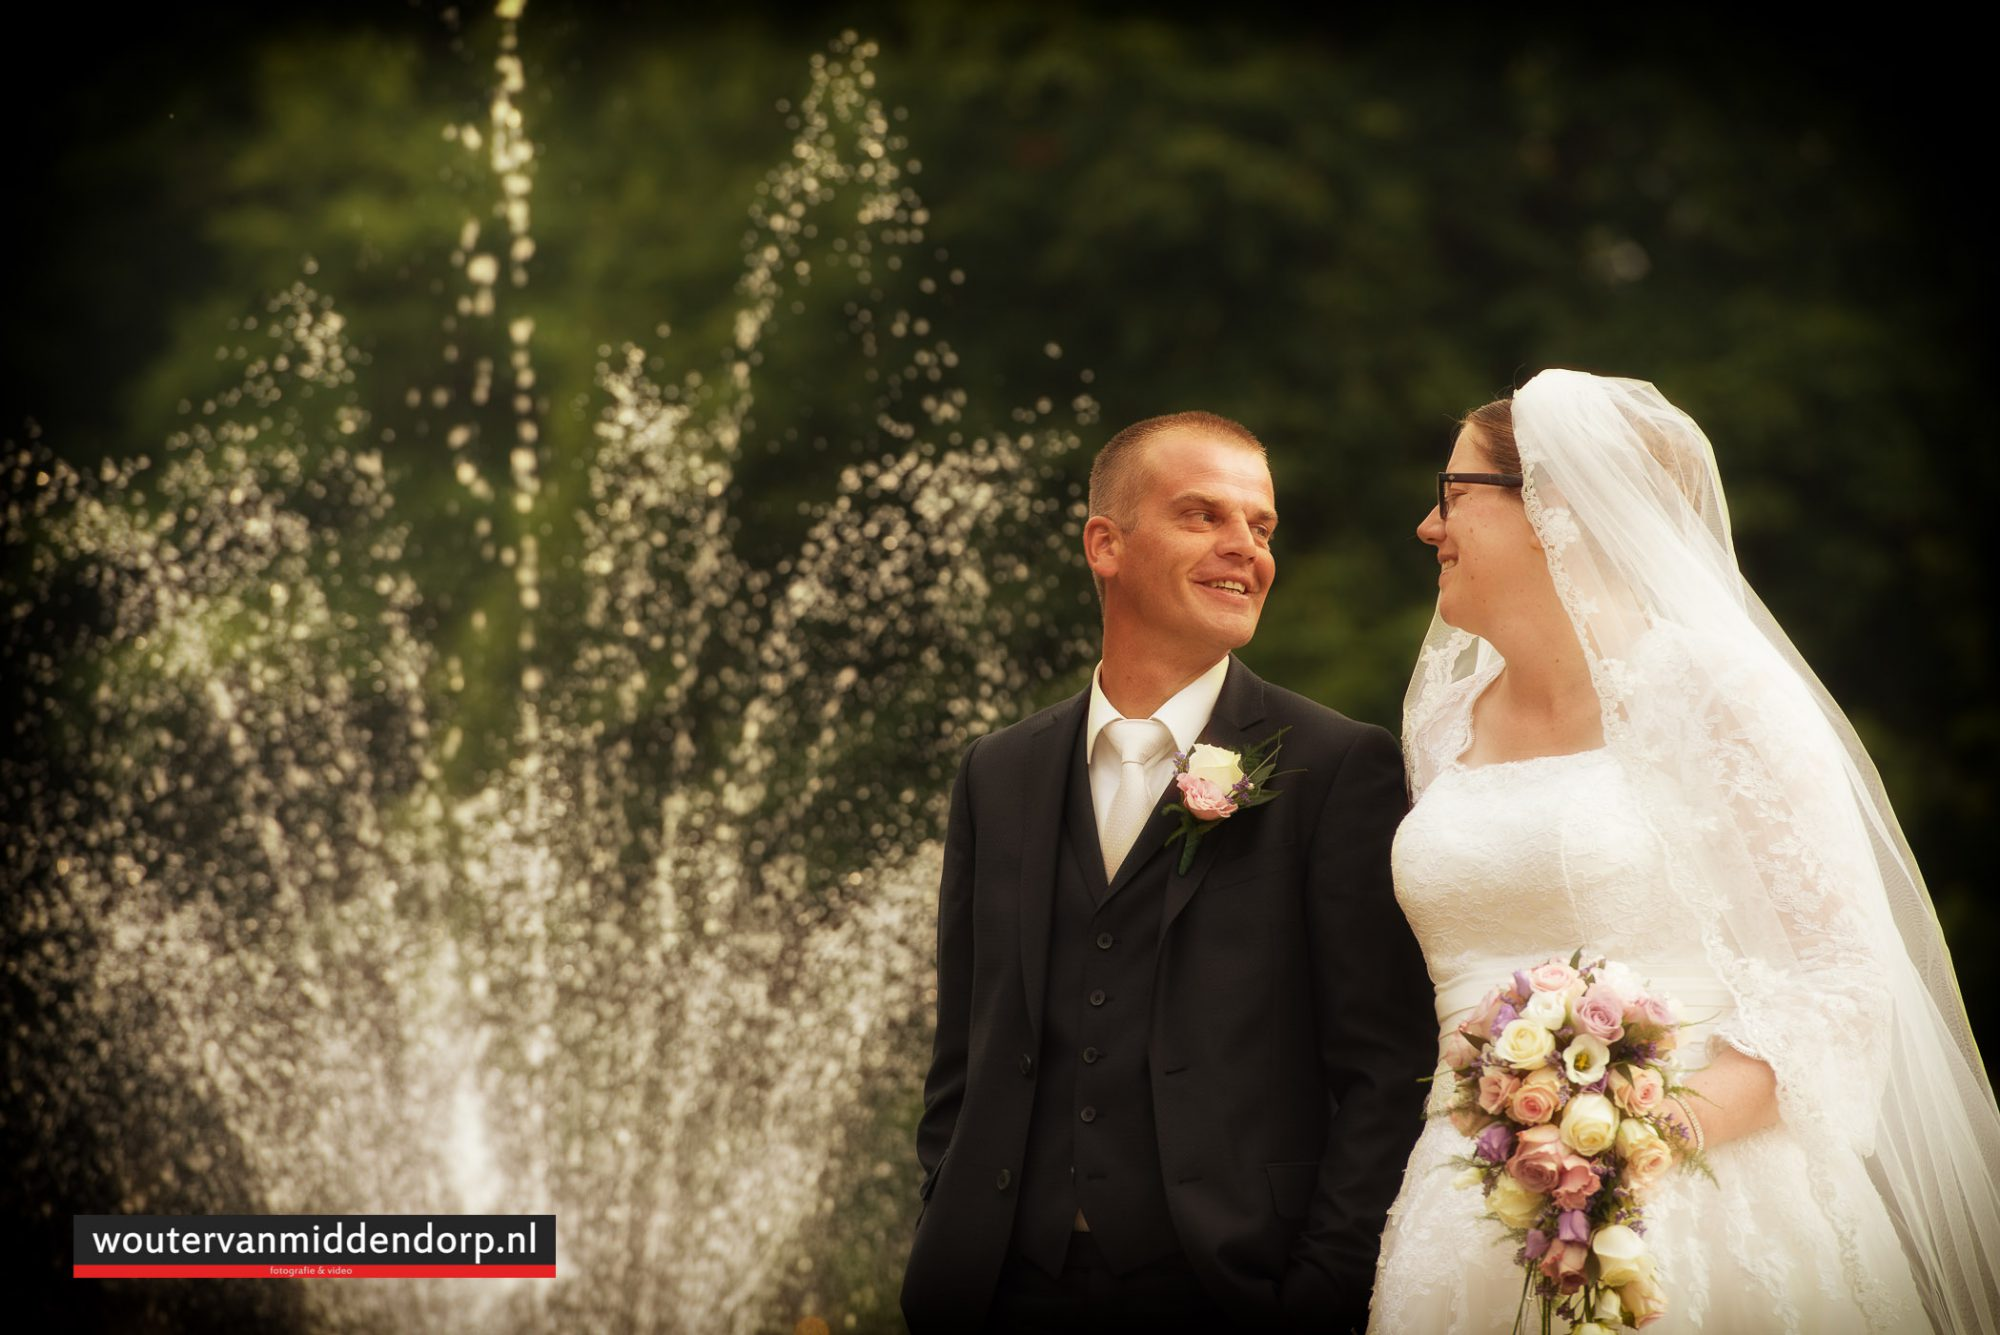 bruidsfotografie-wouter-van-middendorp-veenendaal-uddel-17